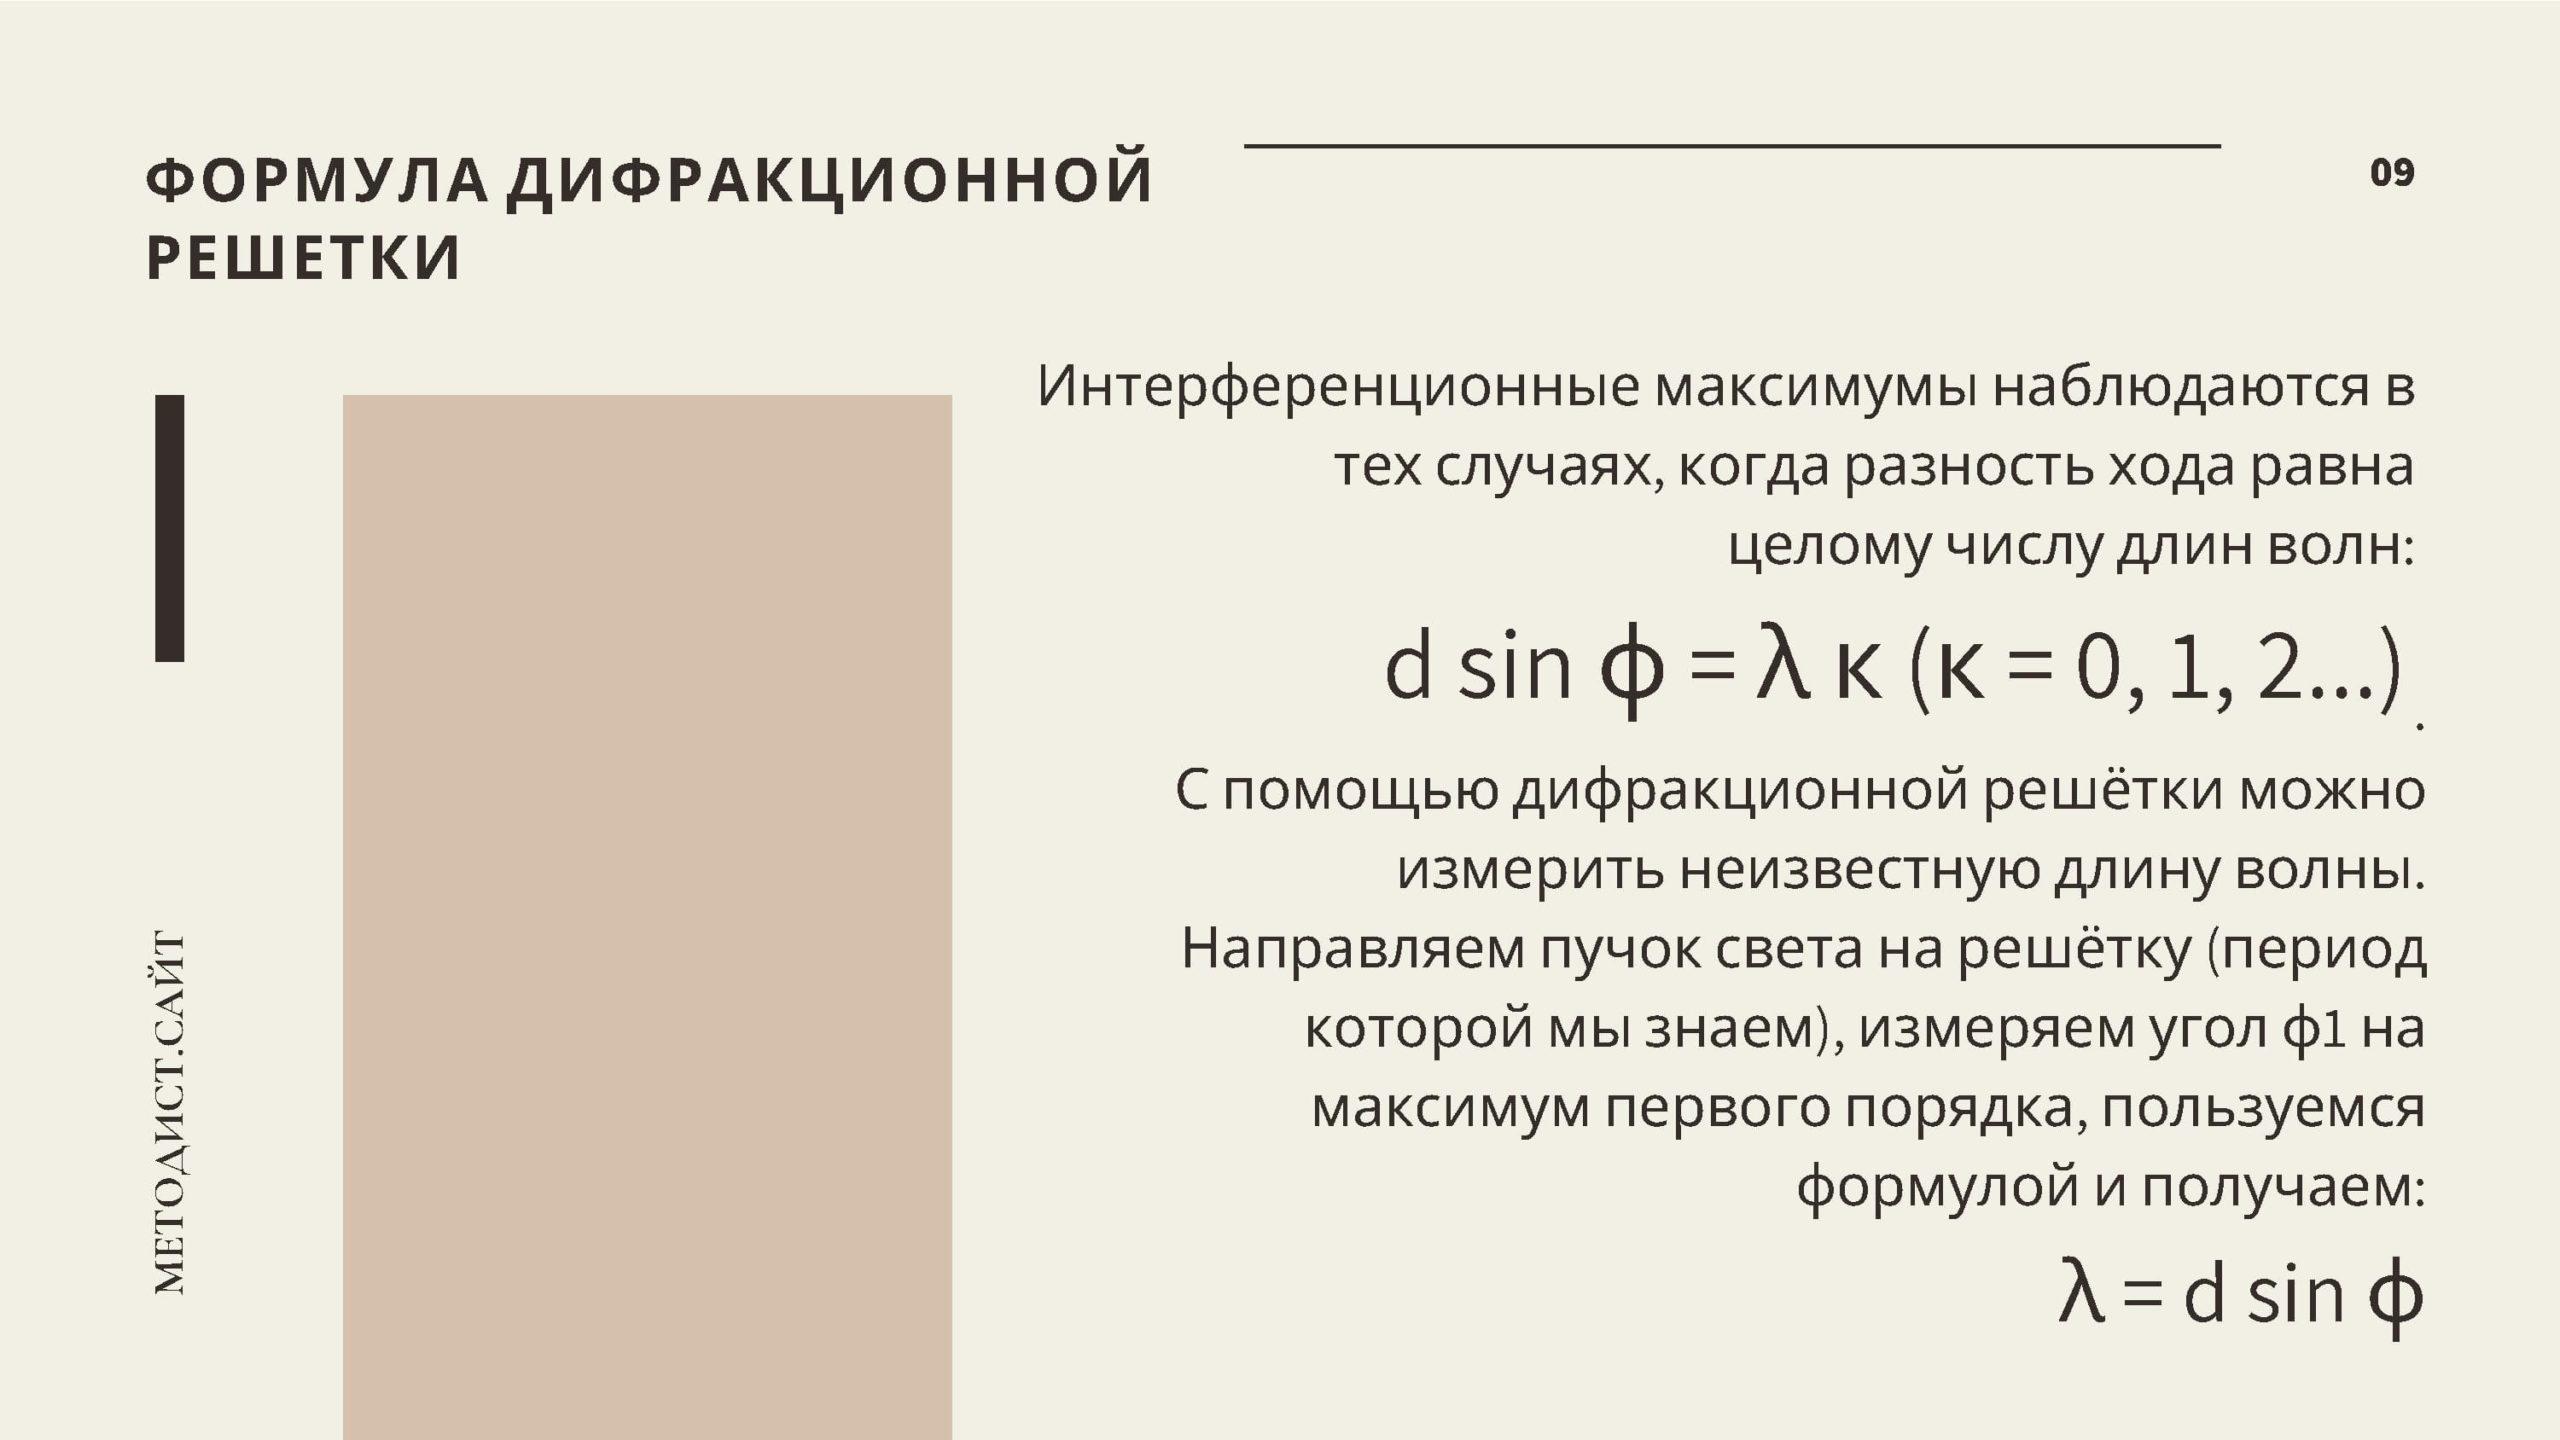 Формула дифракционной решётки